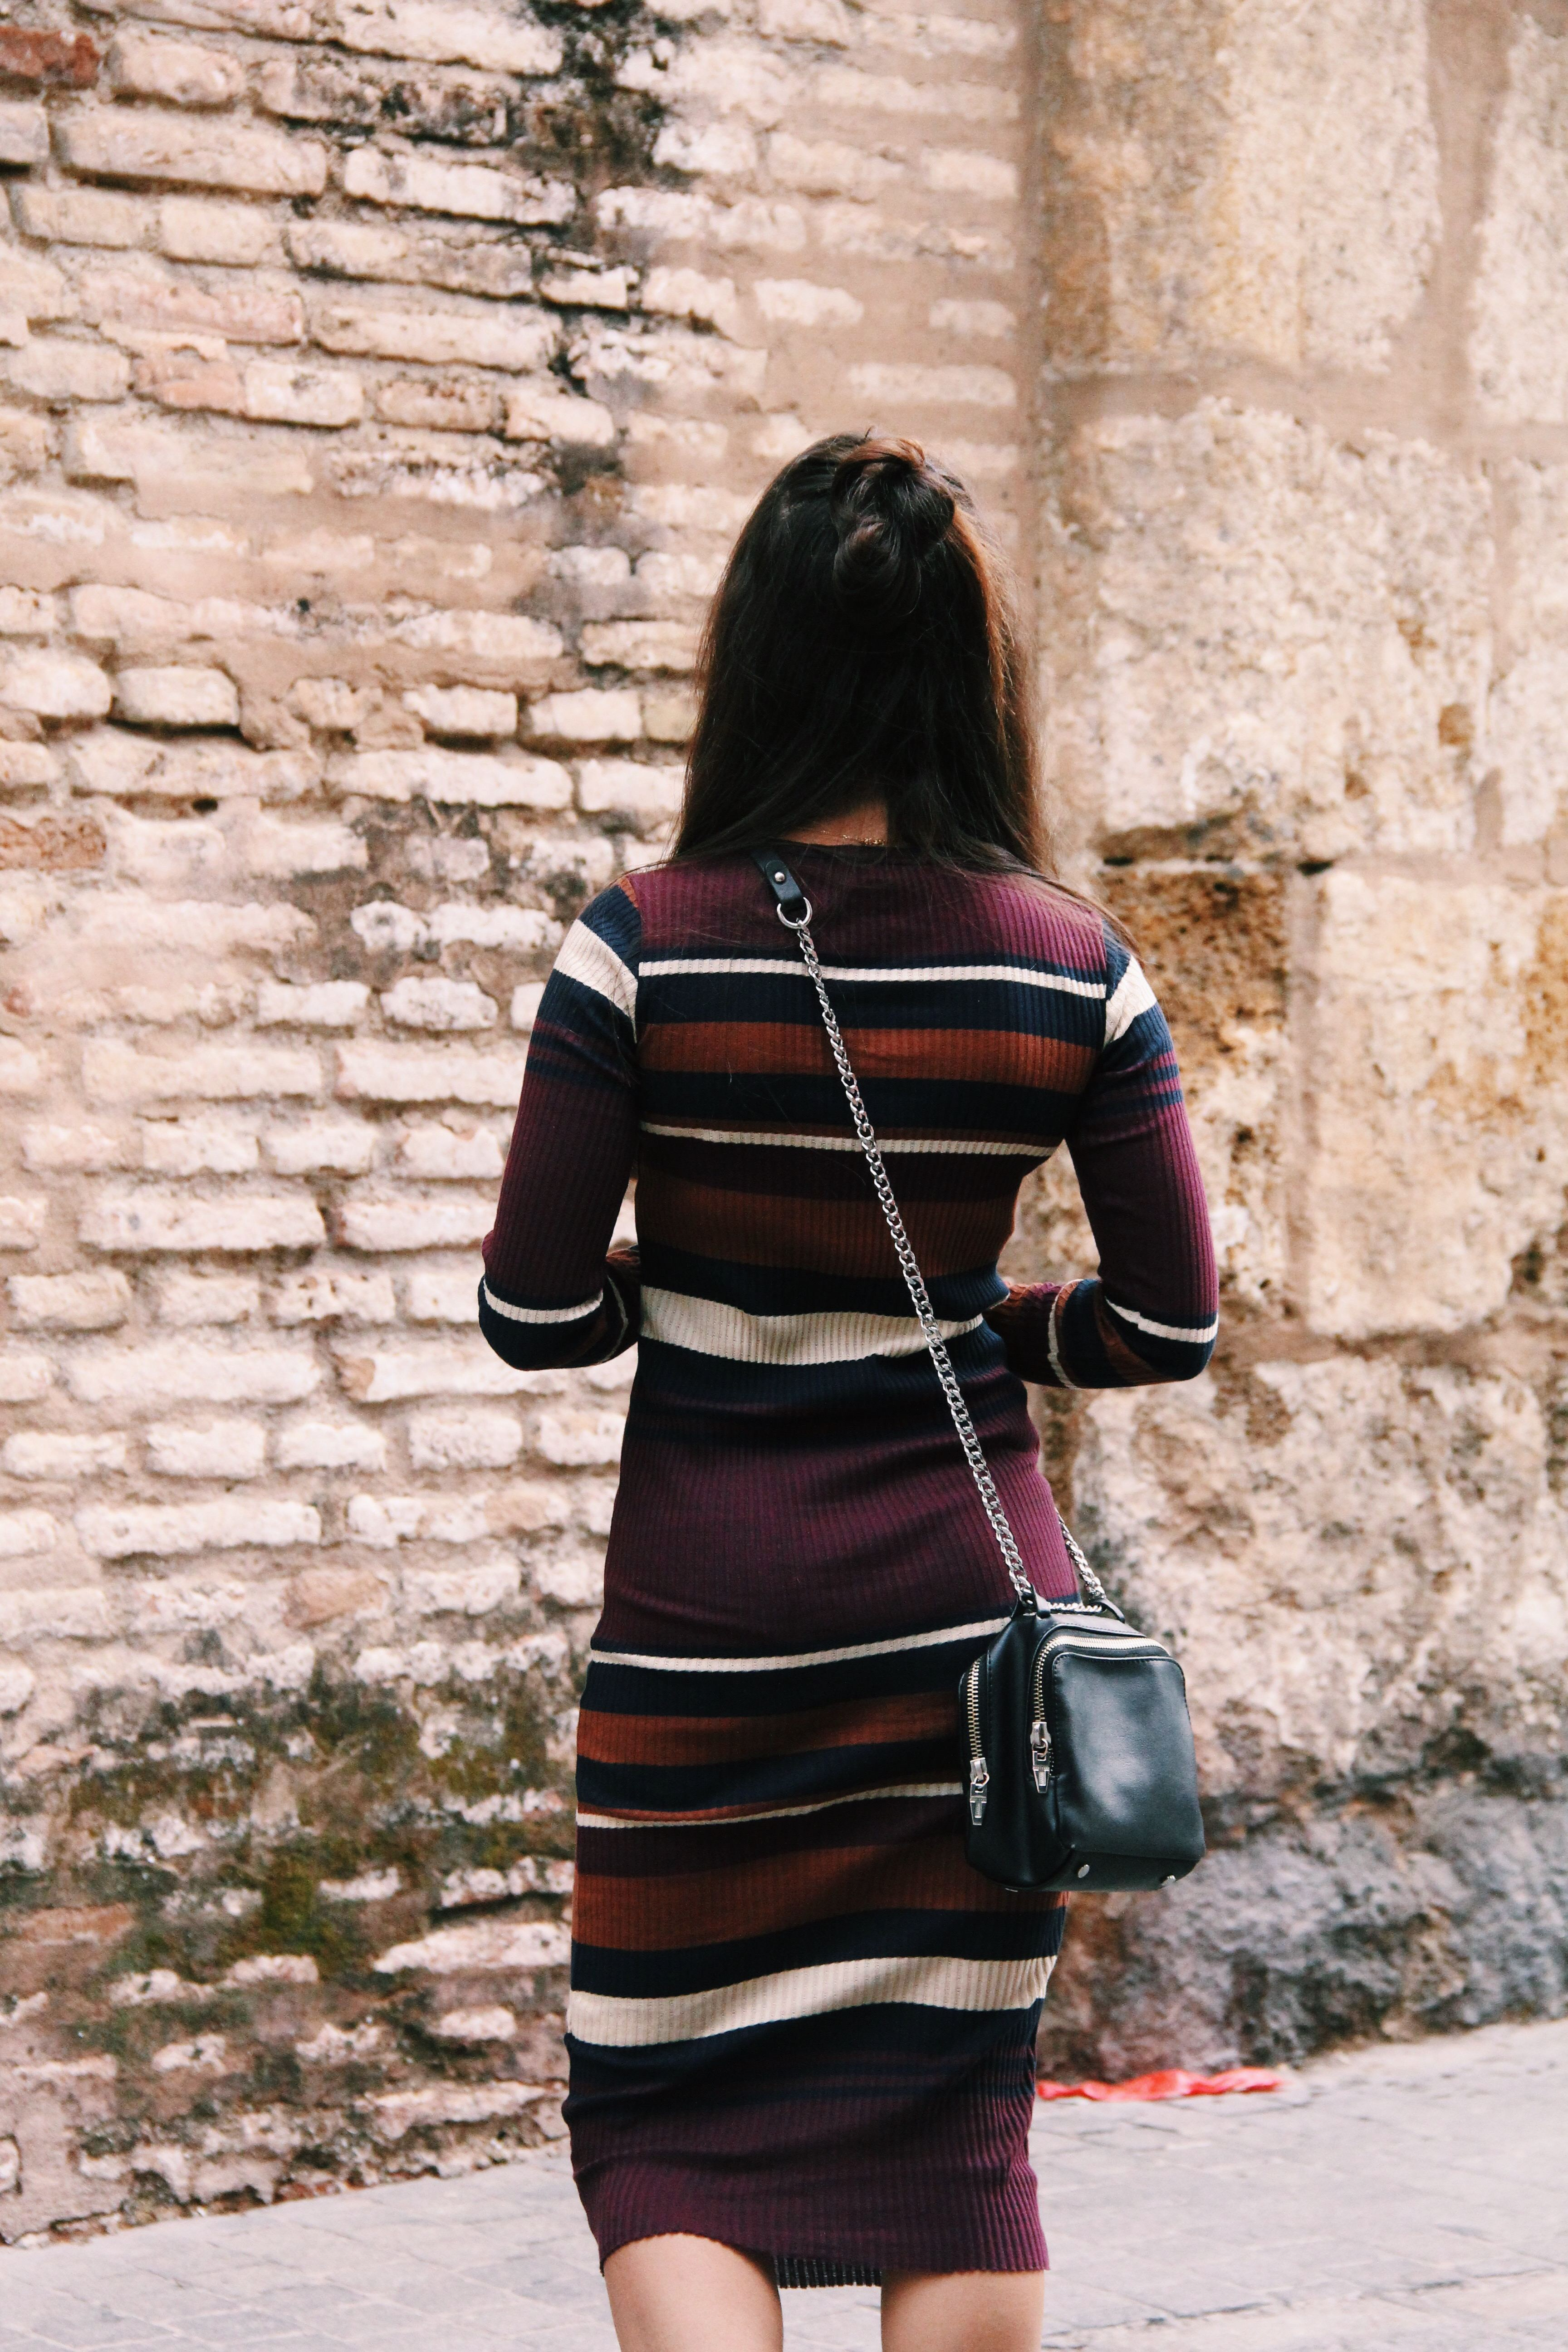 vestido_de_punto- vestido_de_rayas- knitwear- bichon_maltes-vestido_midi-Less_is_more-10